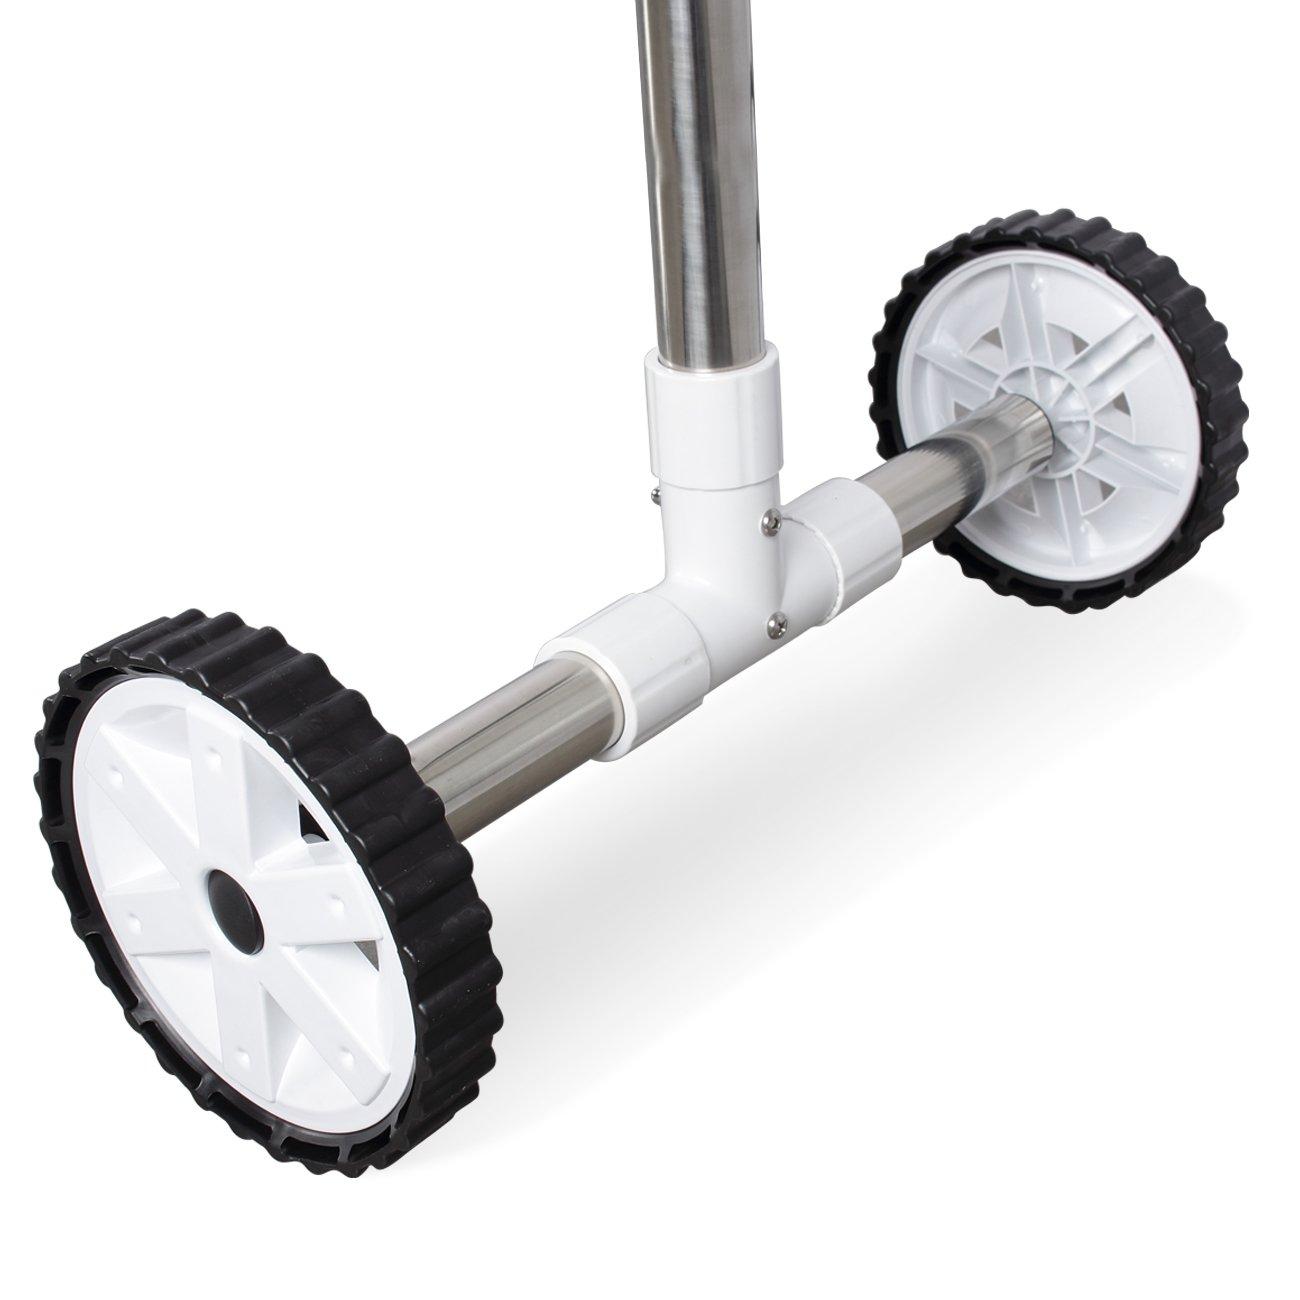 Amazon.com: ARKSEN - Carrete de aluminio para piscinas de ...